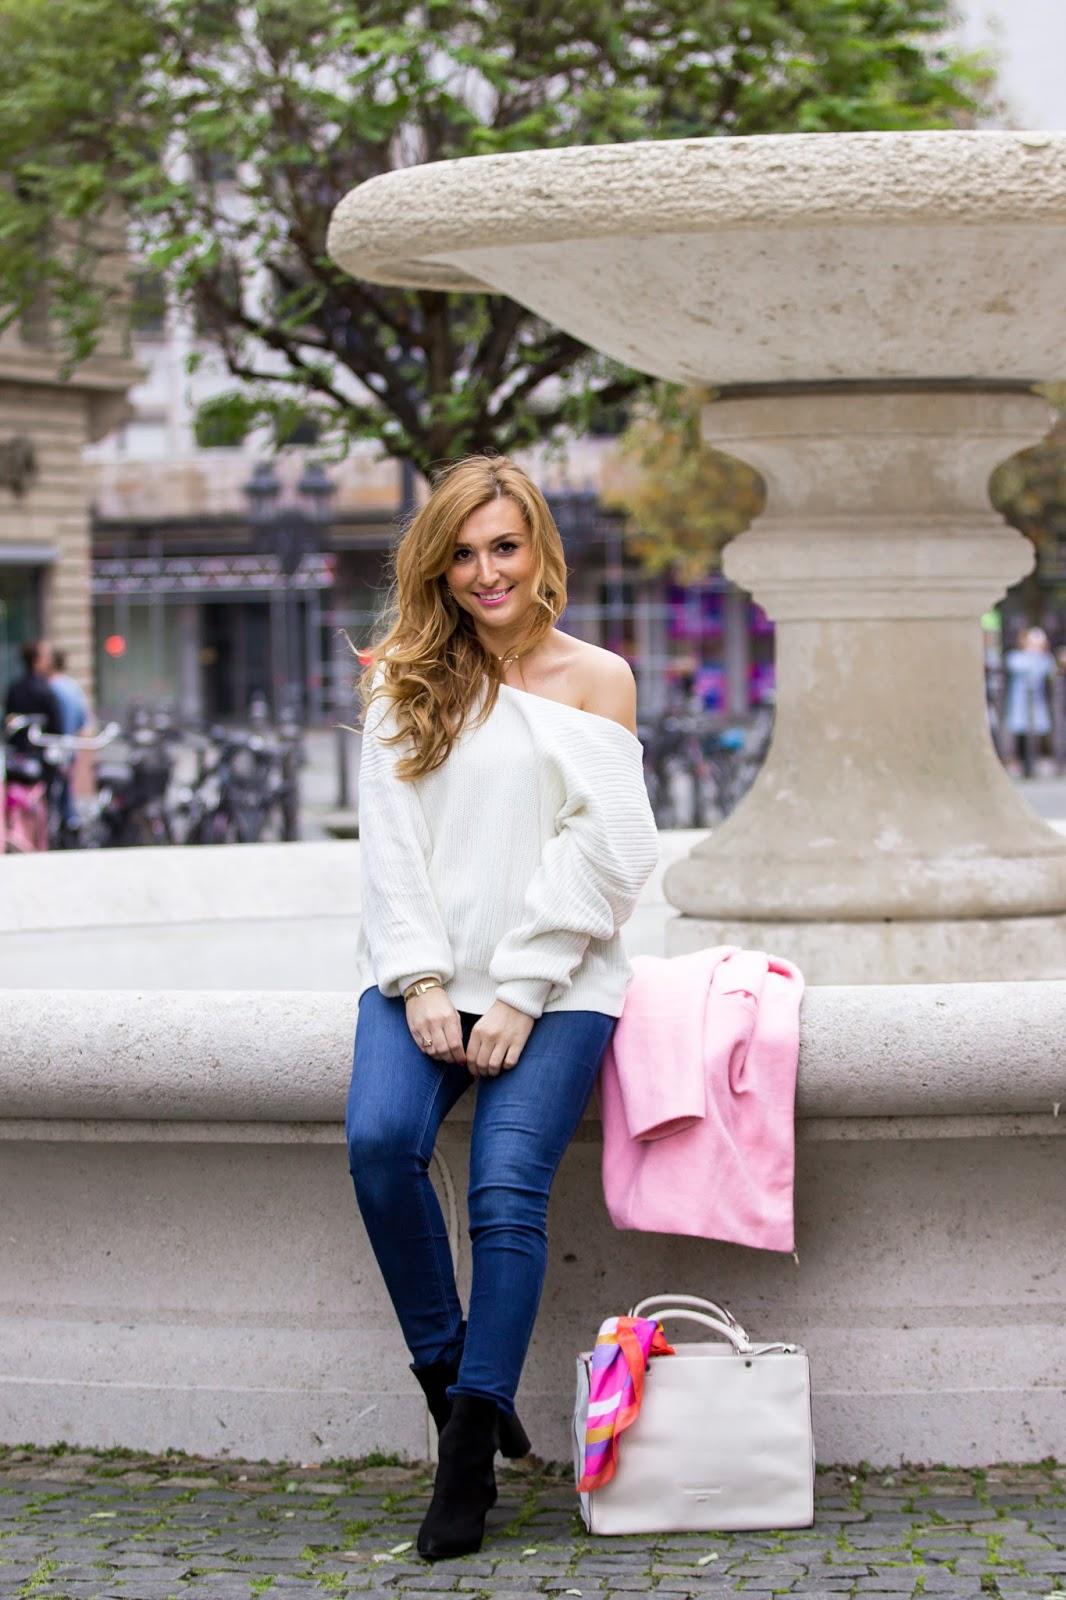 bijou-brigitte-ohrringe-hängeohrringe-ledertasche-weiße-ledertasche-rosa-Mantel-fashionstylebyjohanna